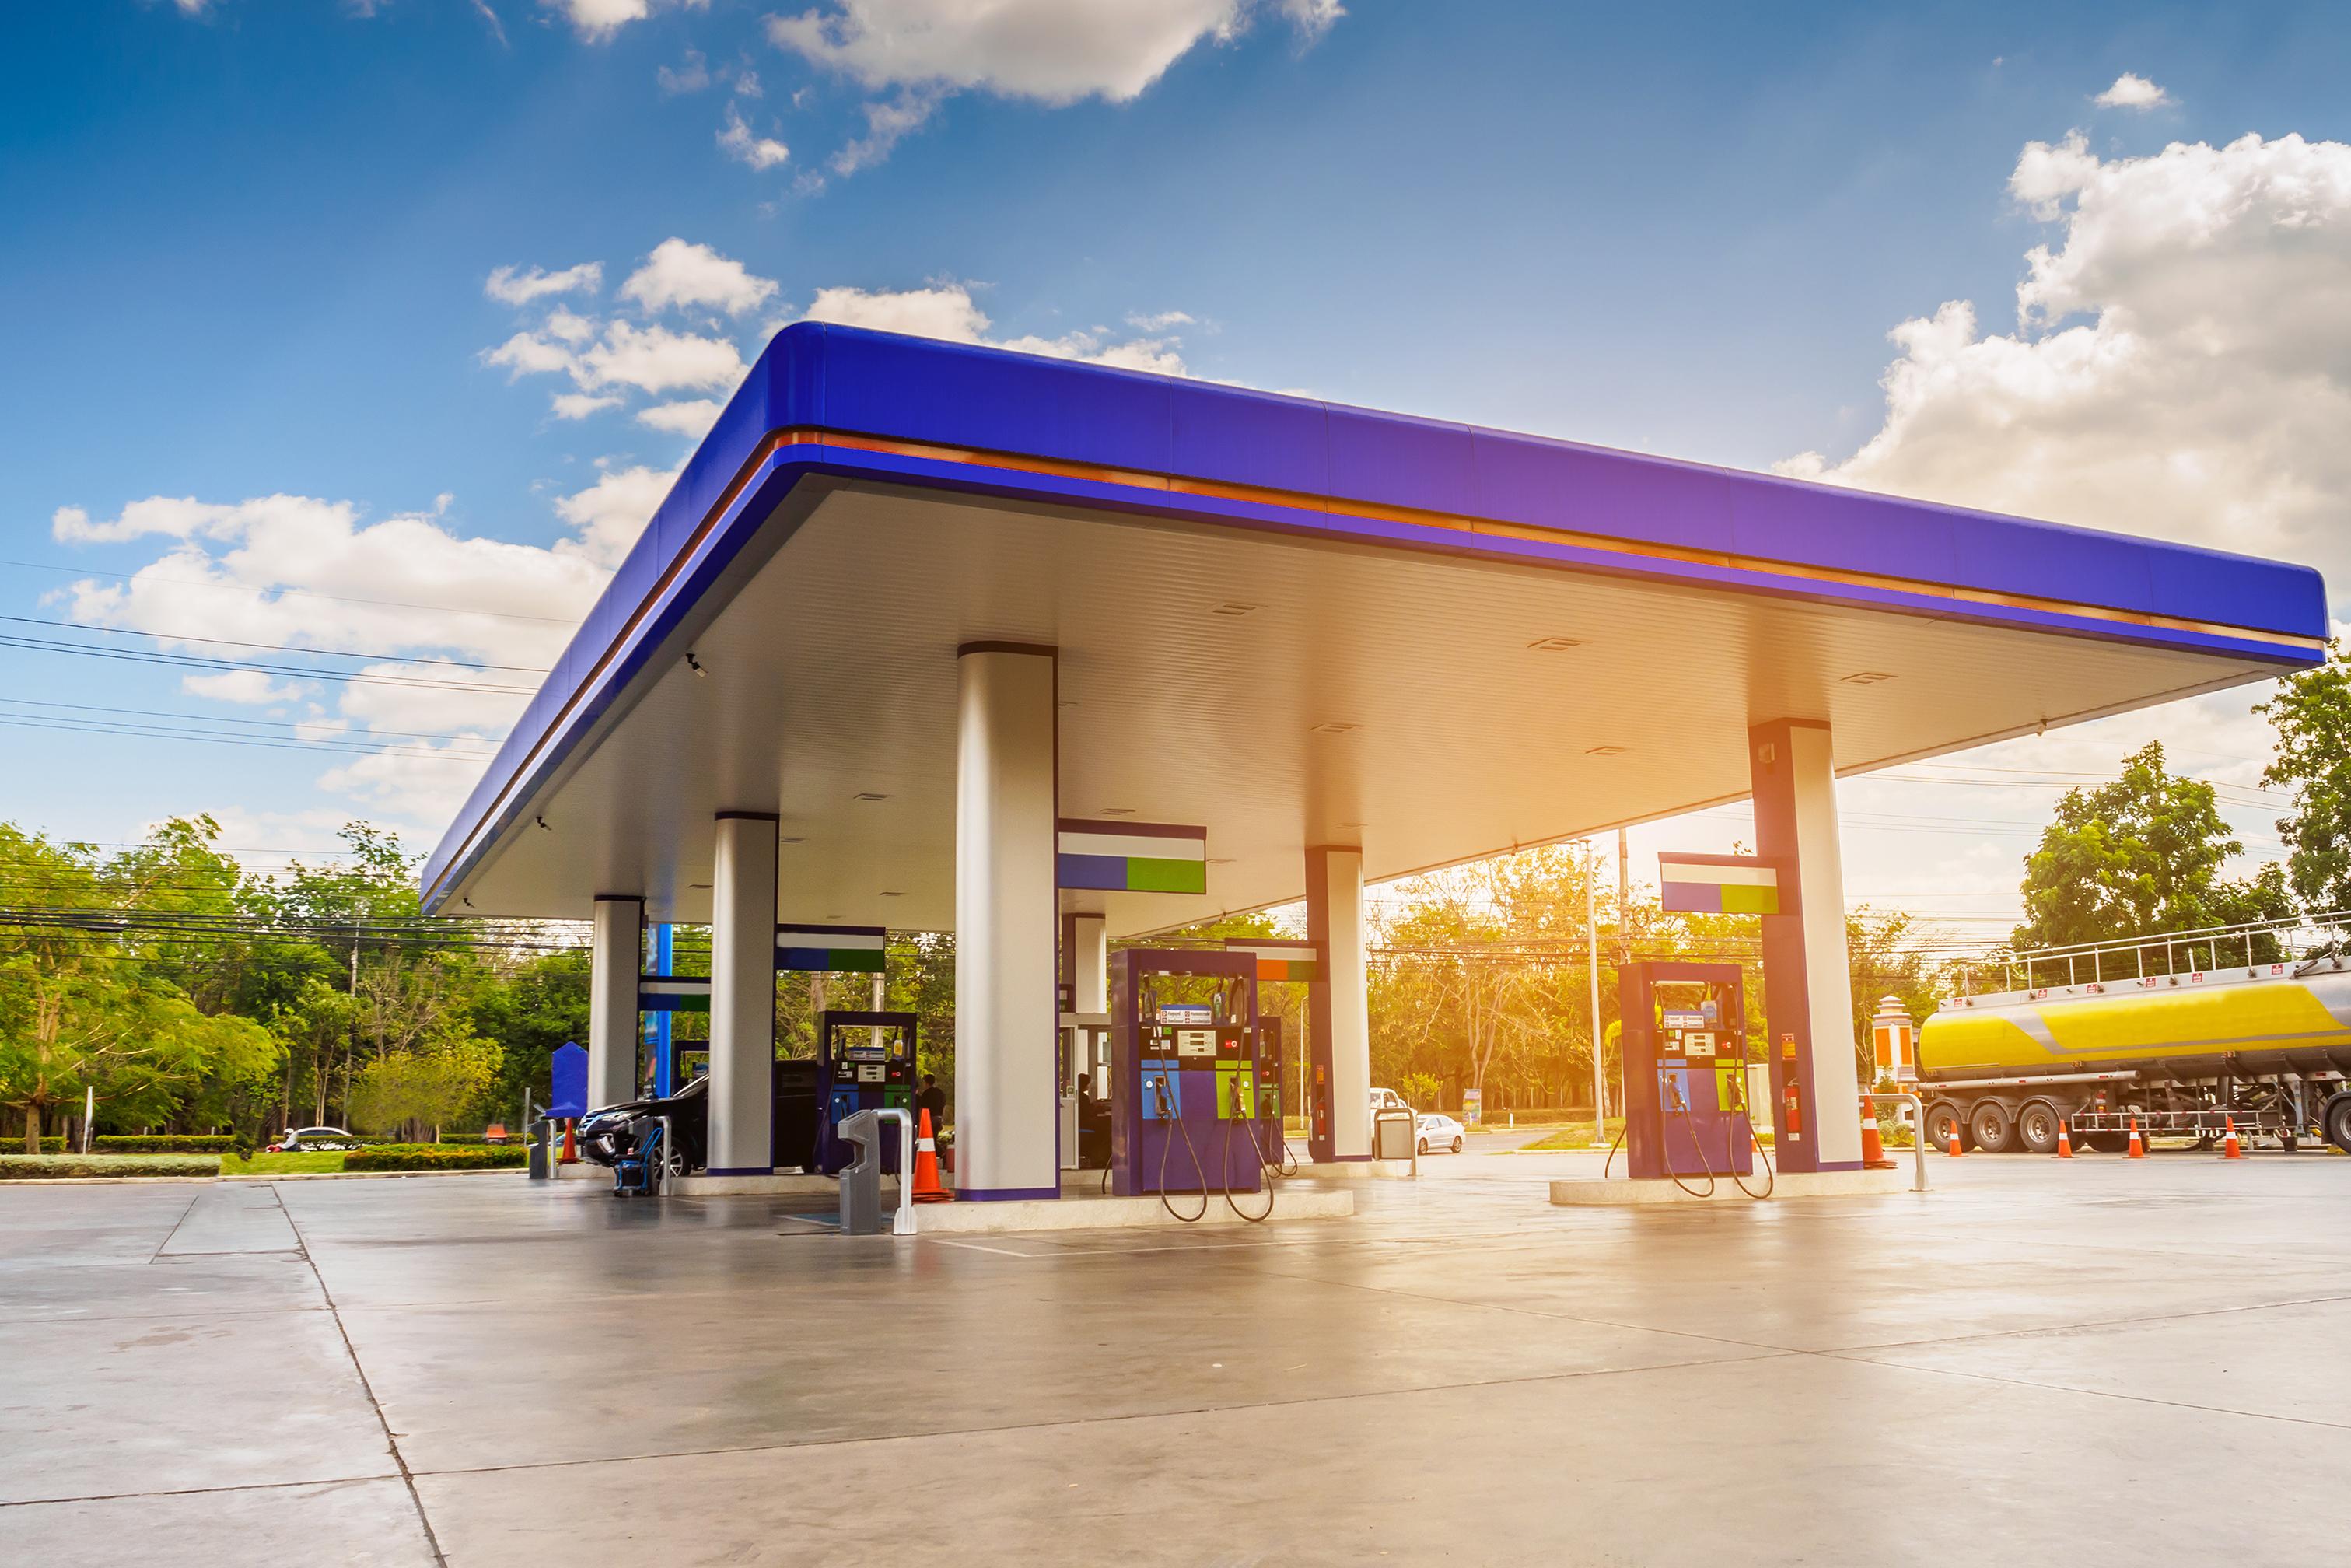 Gestão integrada de postos de combustíveis: torne seu poder centralizado